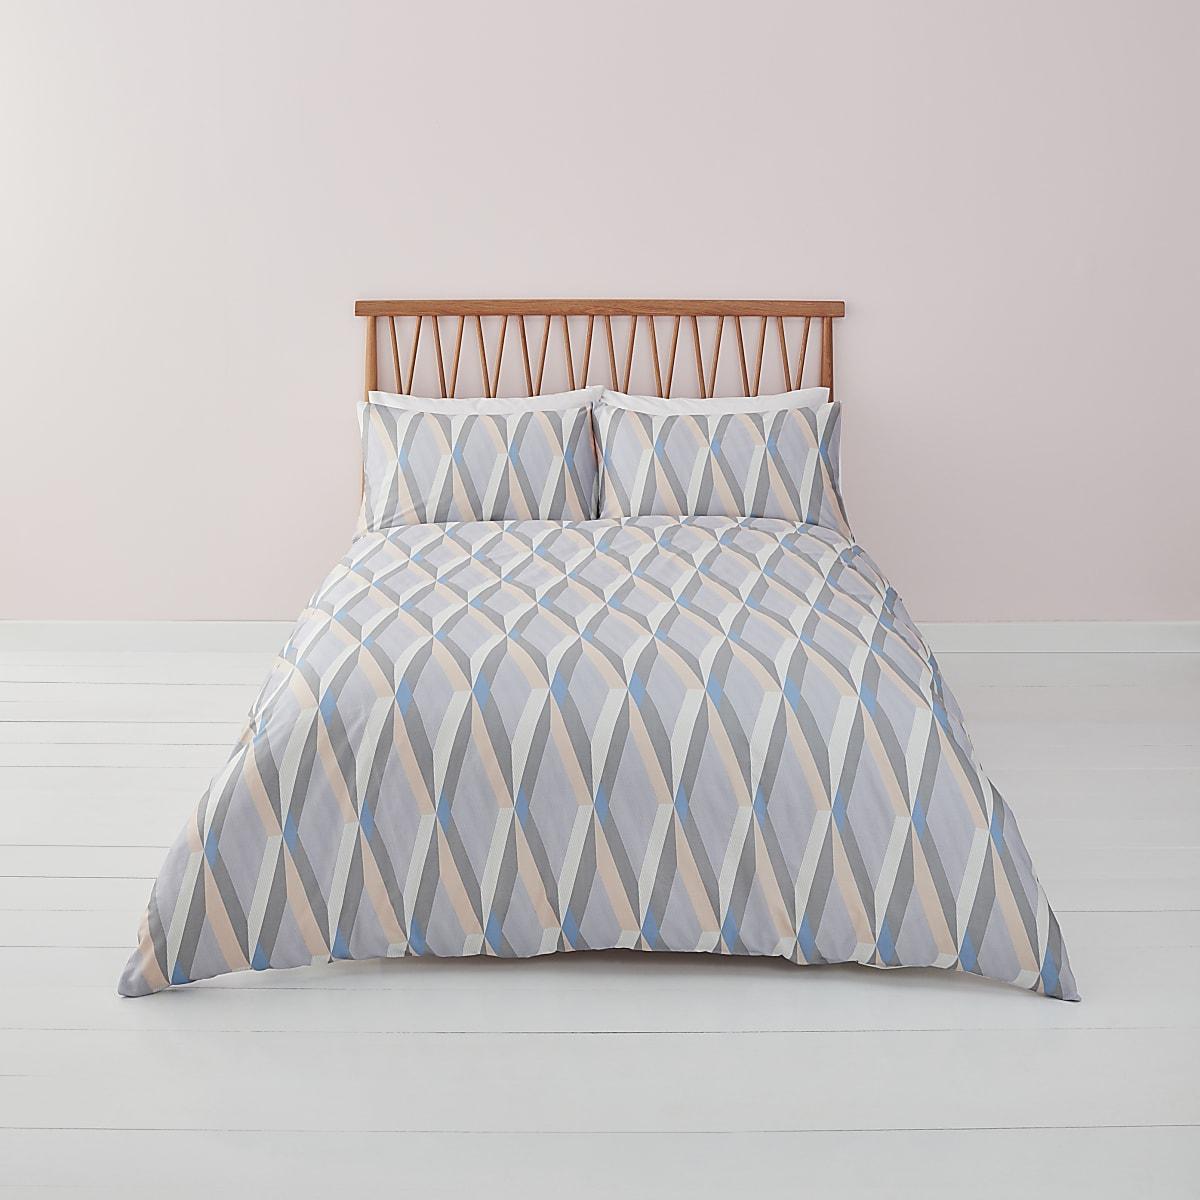 Blauwe superkingsize dekbedset met geometrische print